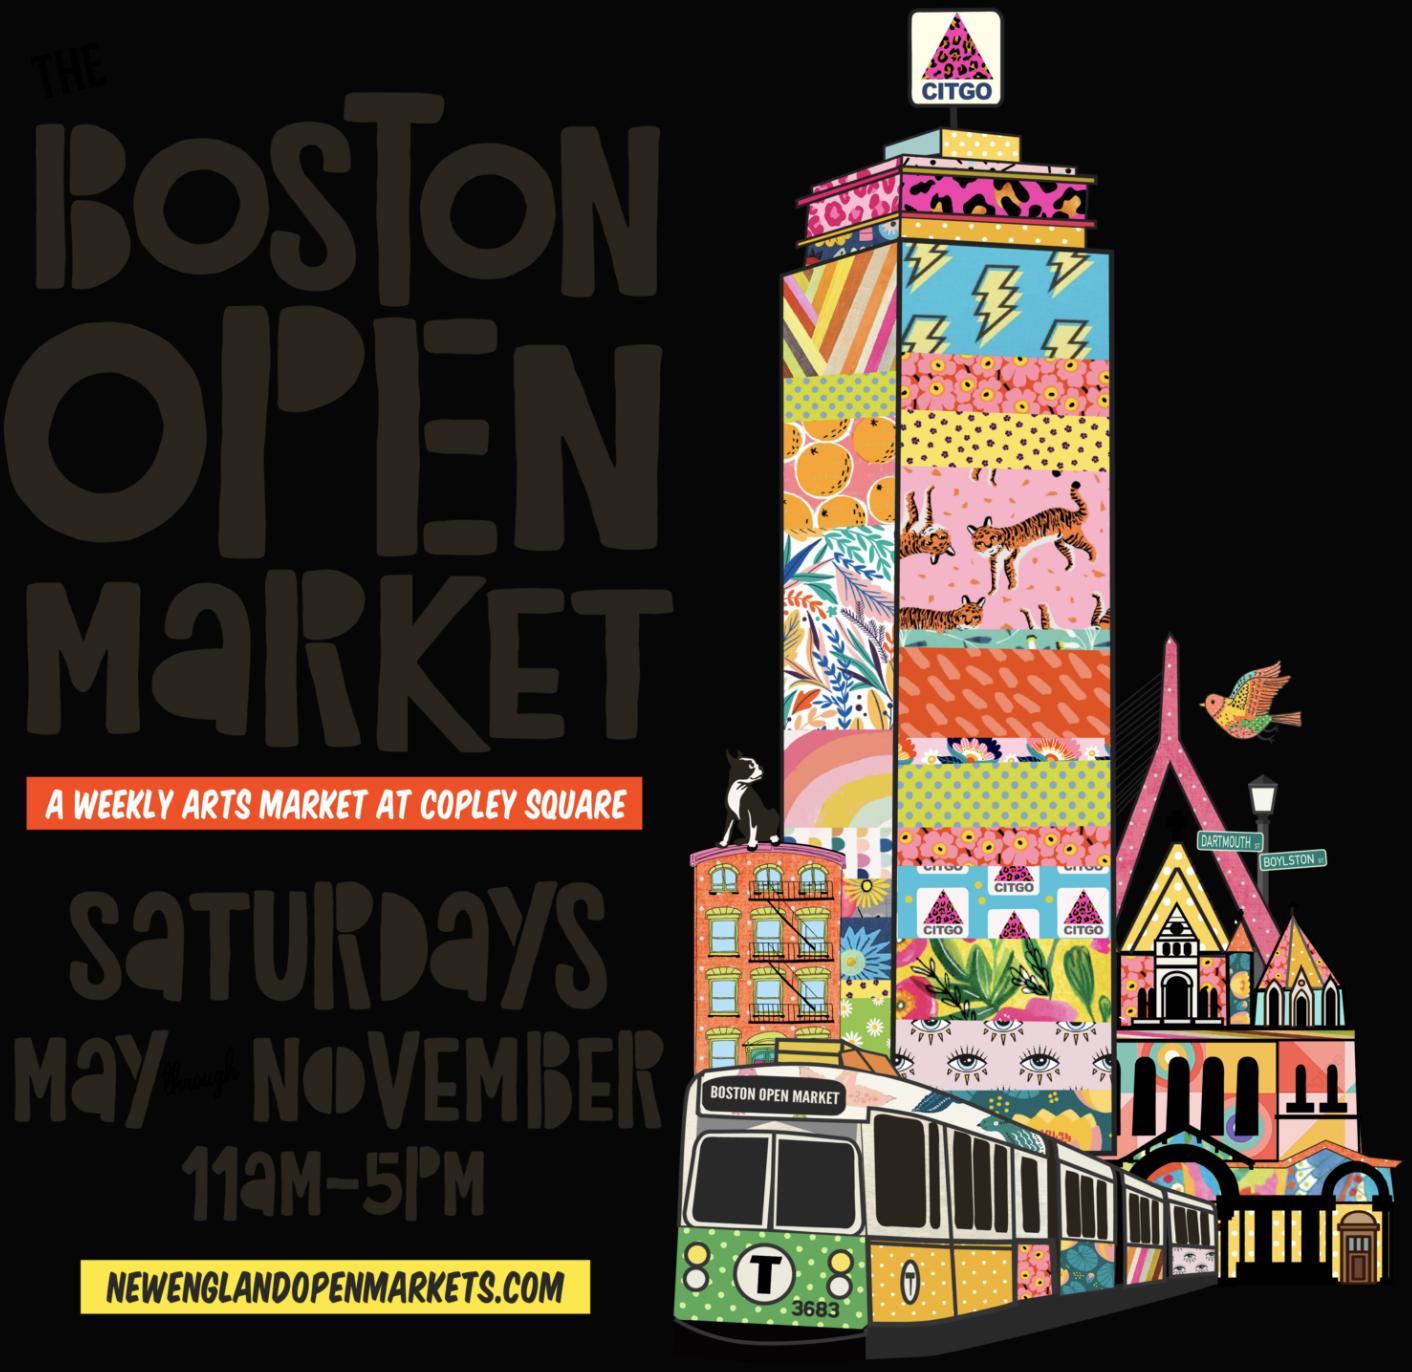 Boston Open Market at Copley Square